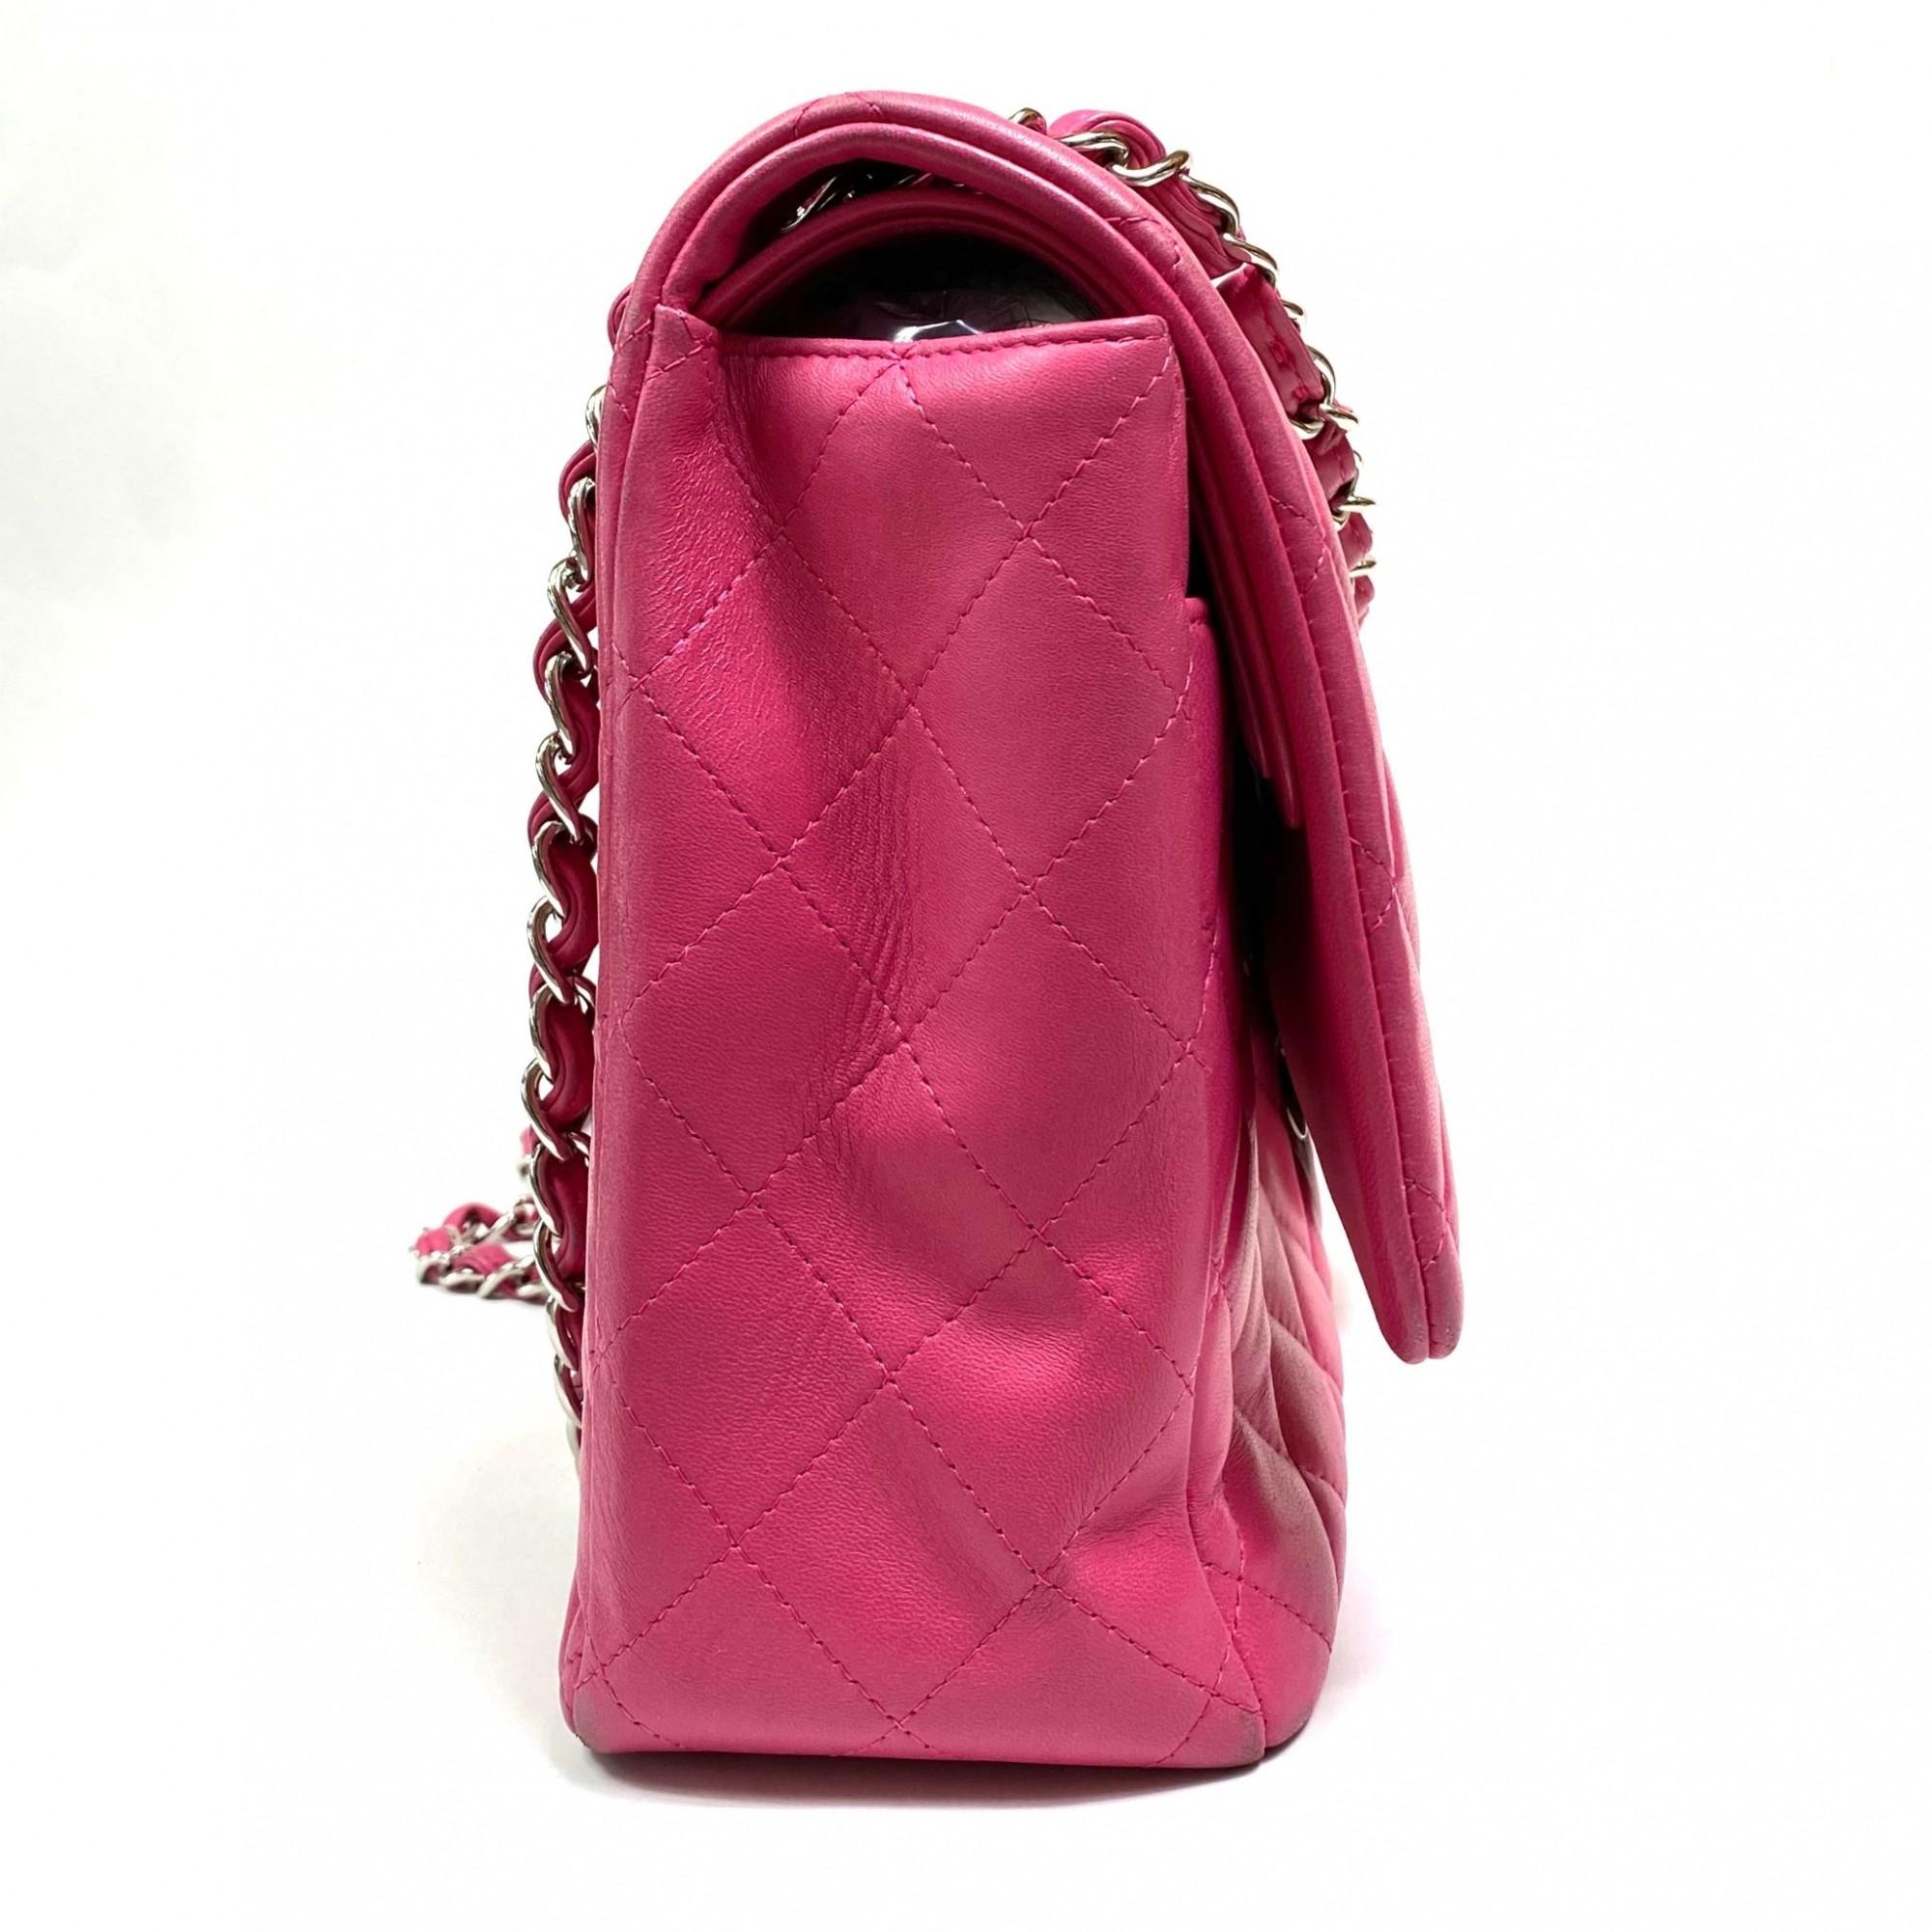 Bolsa Chanel Classic Flap Maxi Rosa